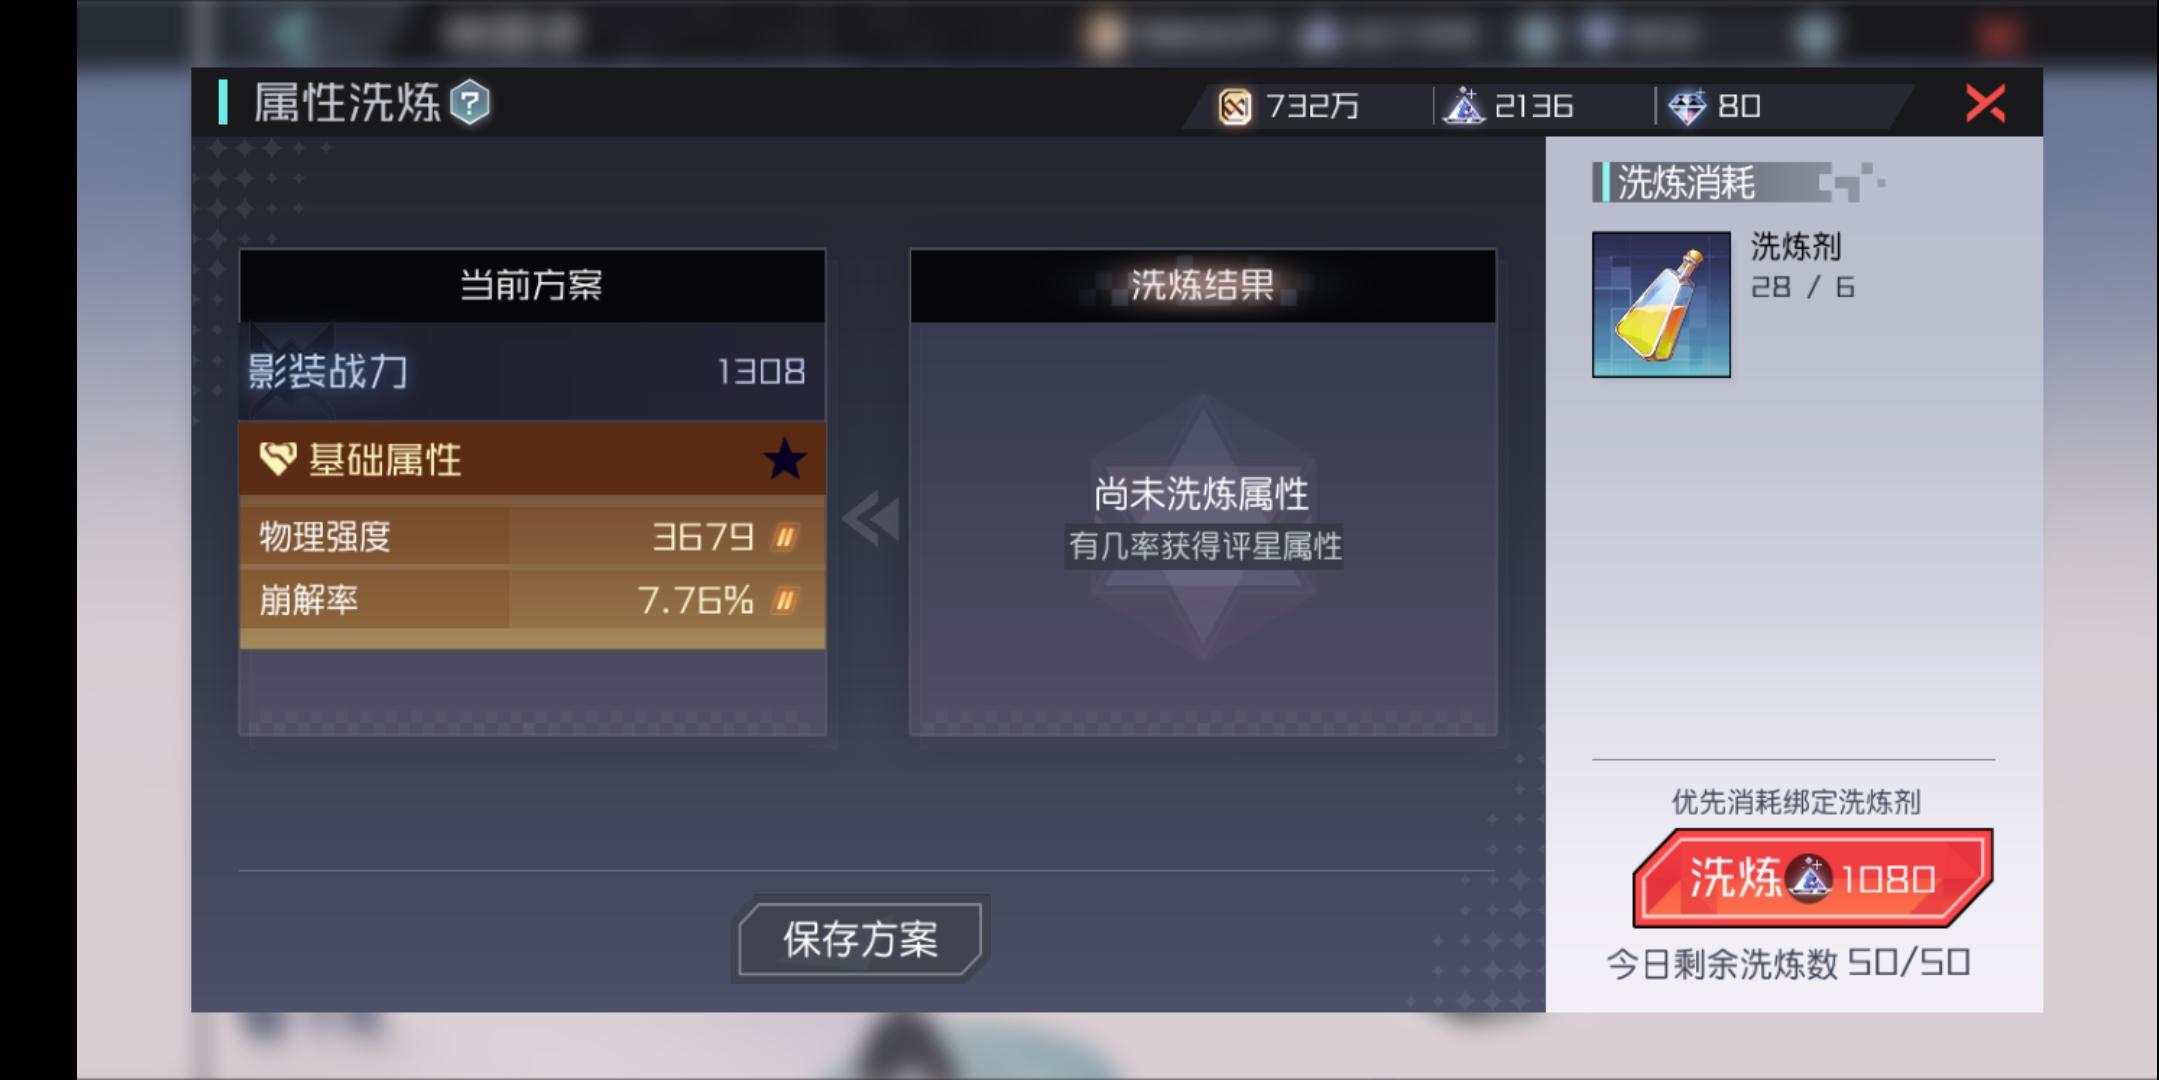 Screenshot_20181017-221336.jpg